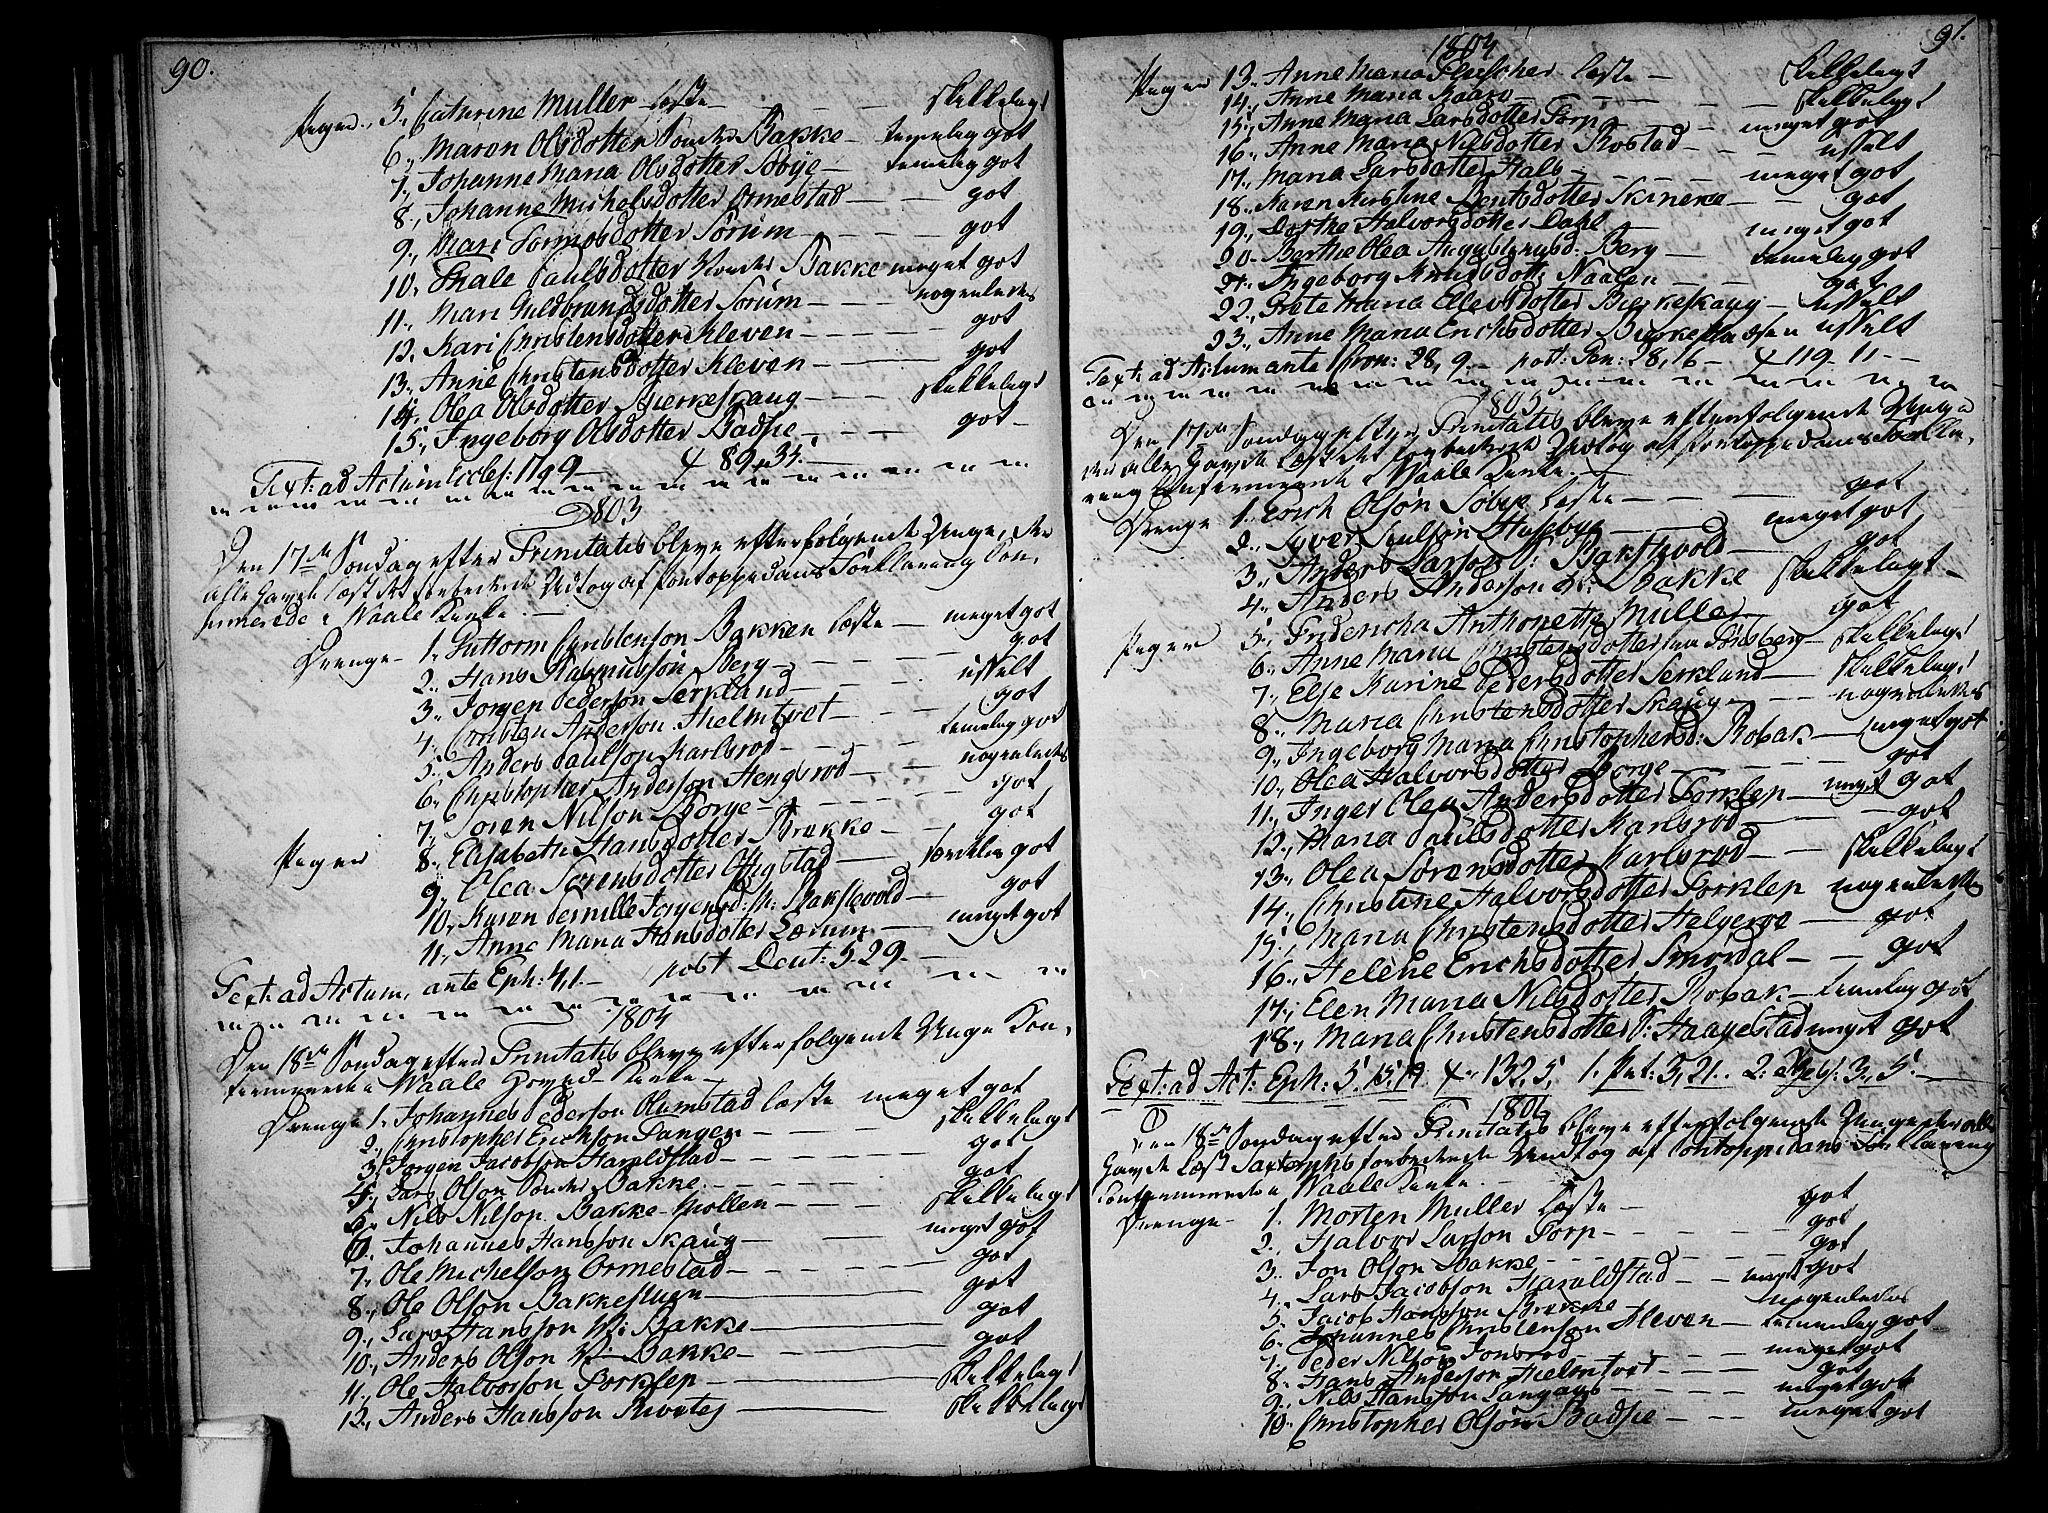 SAKO, Våle kirkebøker, F/Fa/L0005: Ministerialbok nr. I 5, 1773-1808, s. 90-91